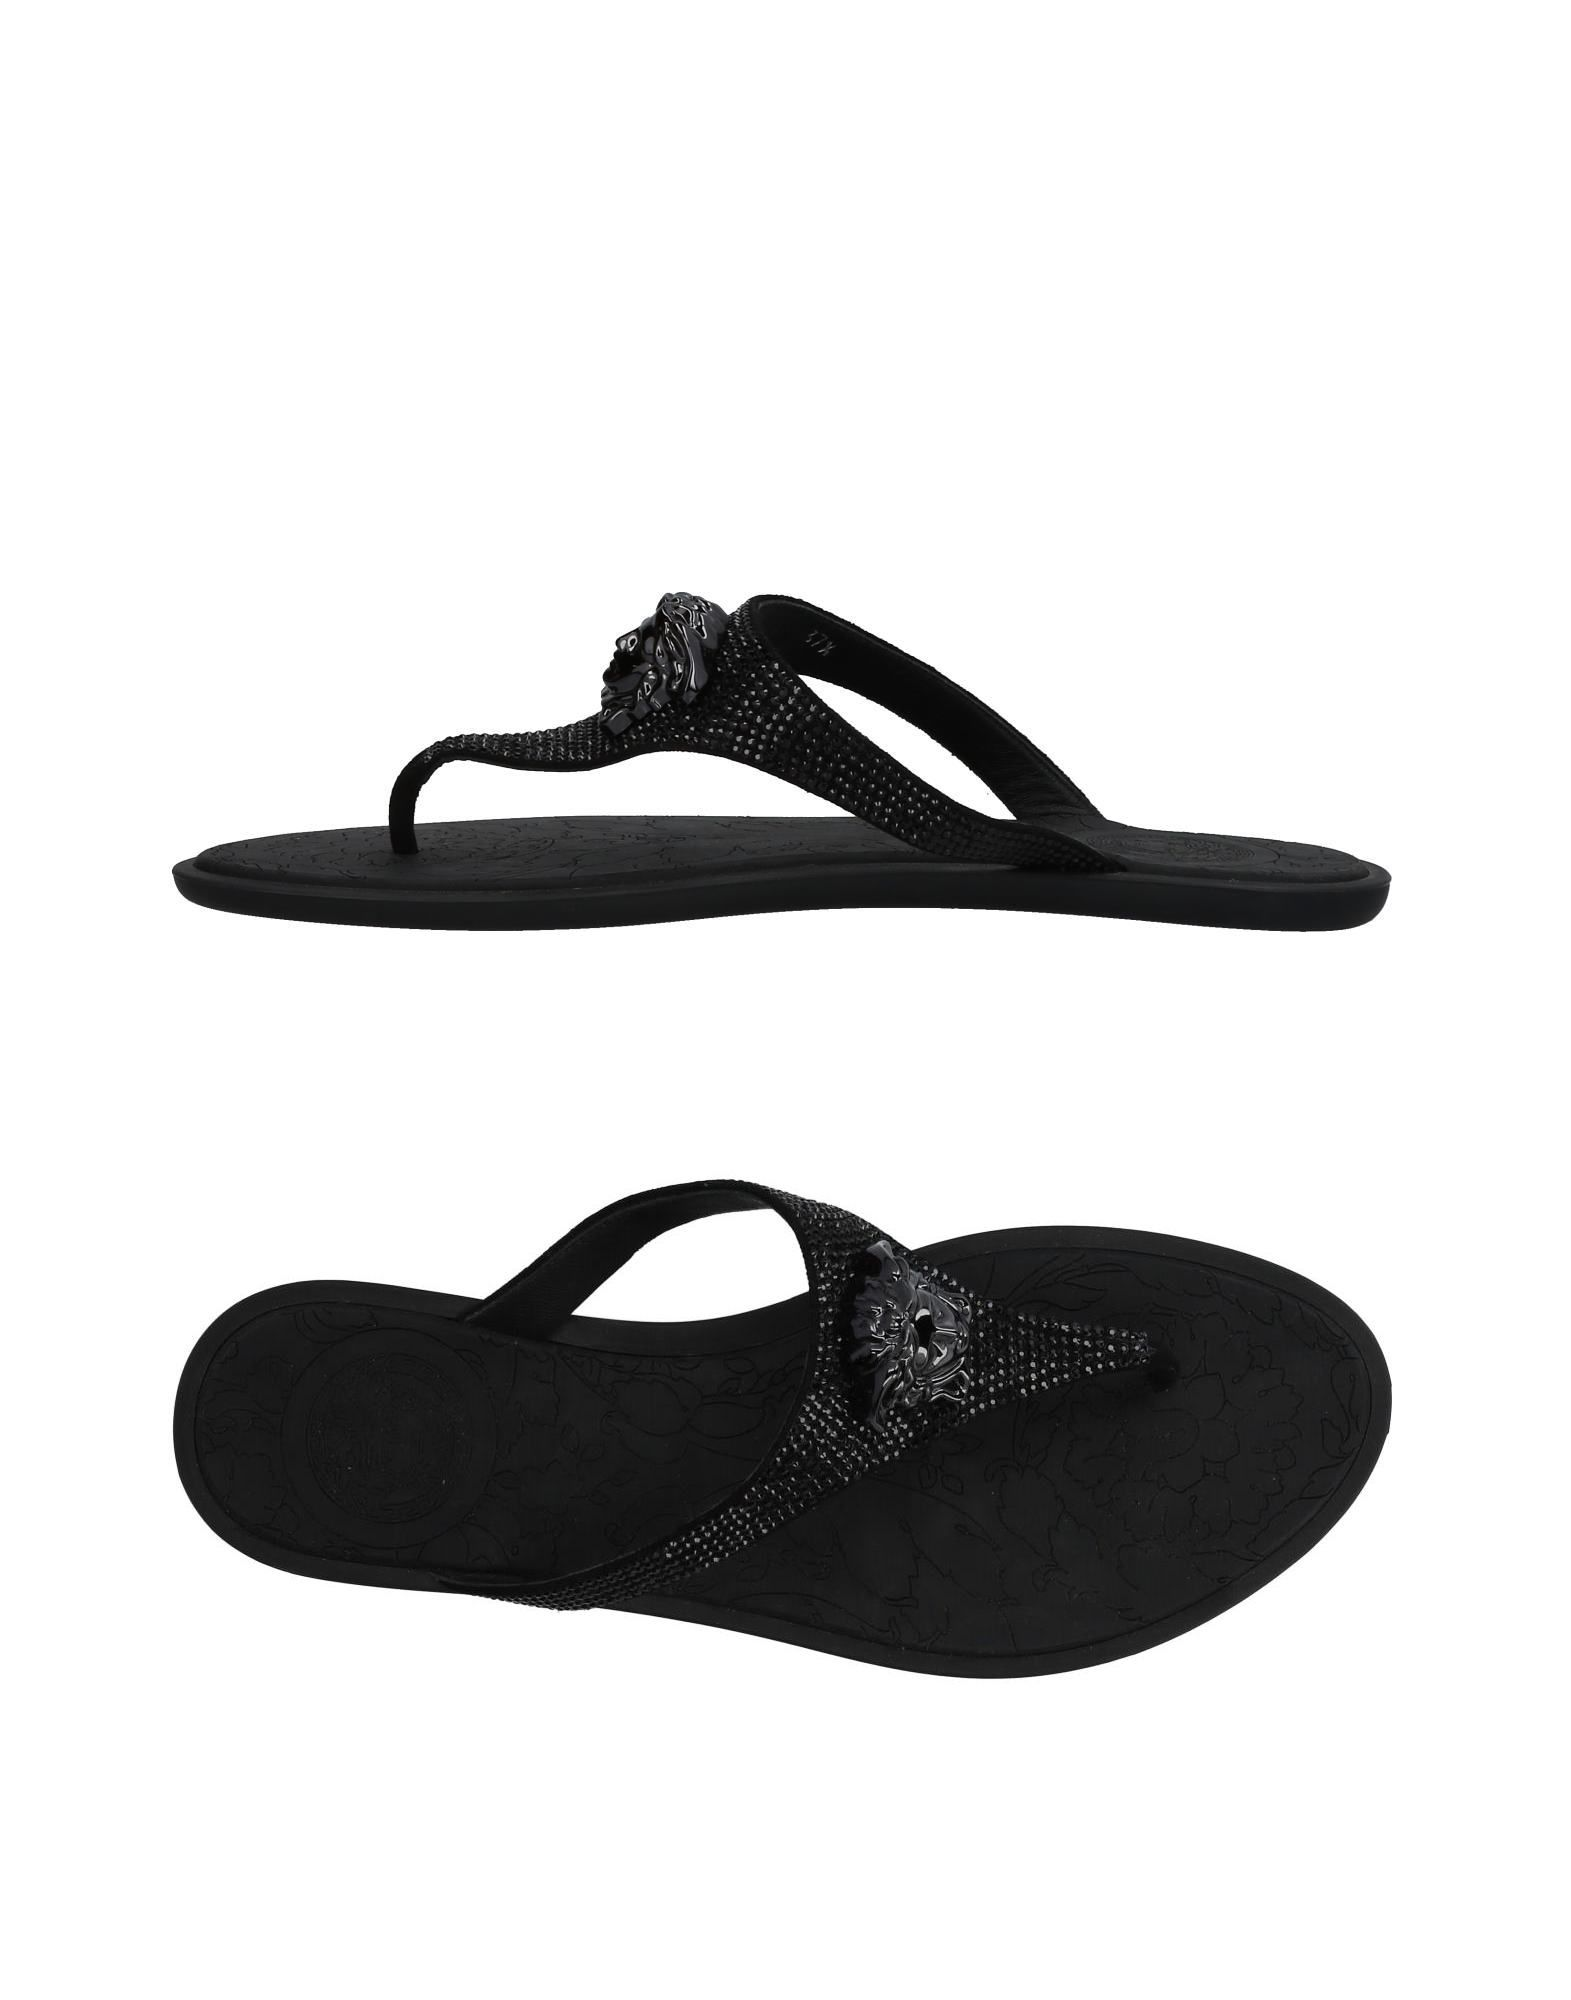 Sneakers High Donna - 11498280PF Scarpe economiche e buone